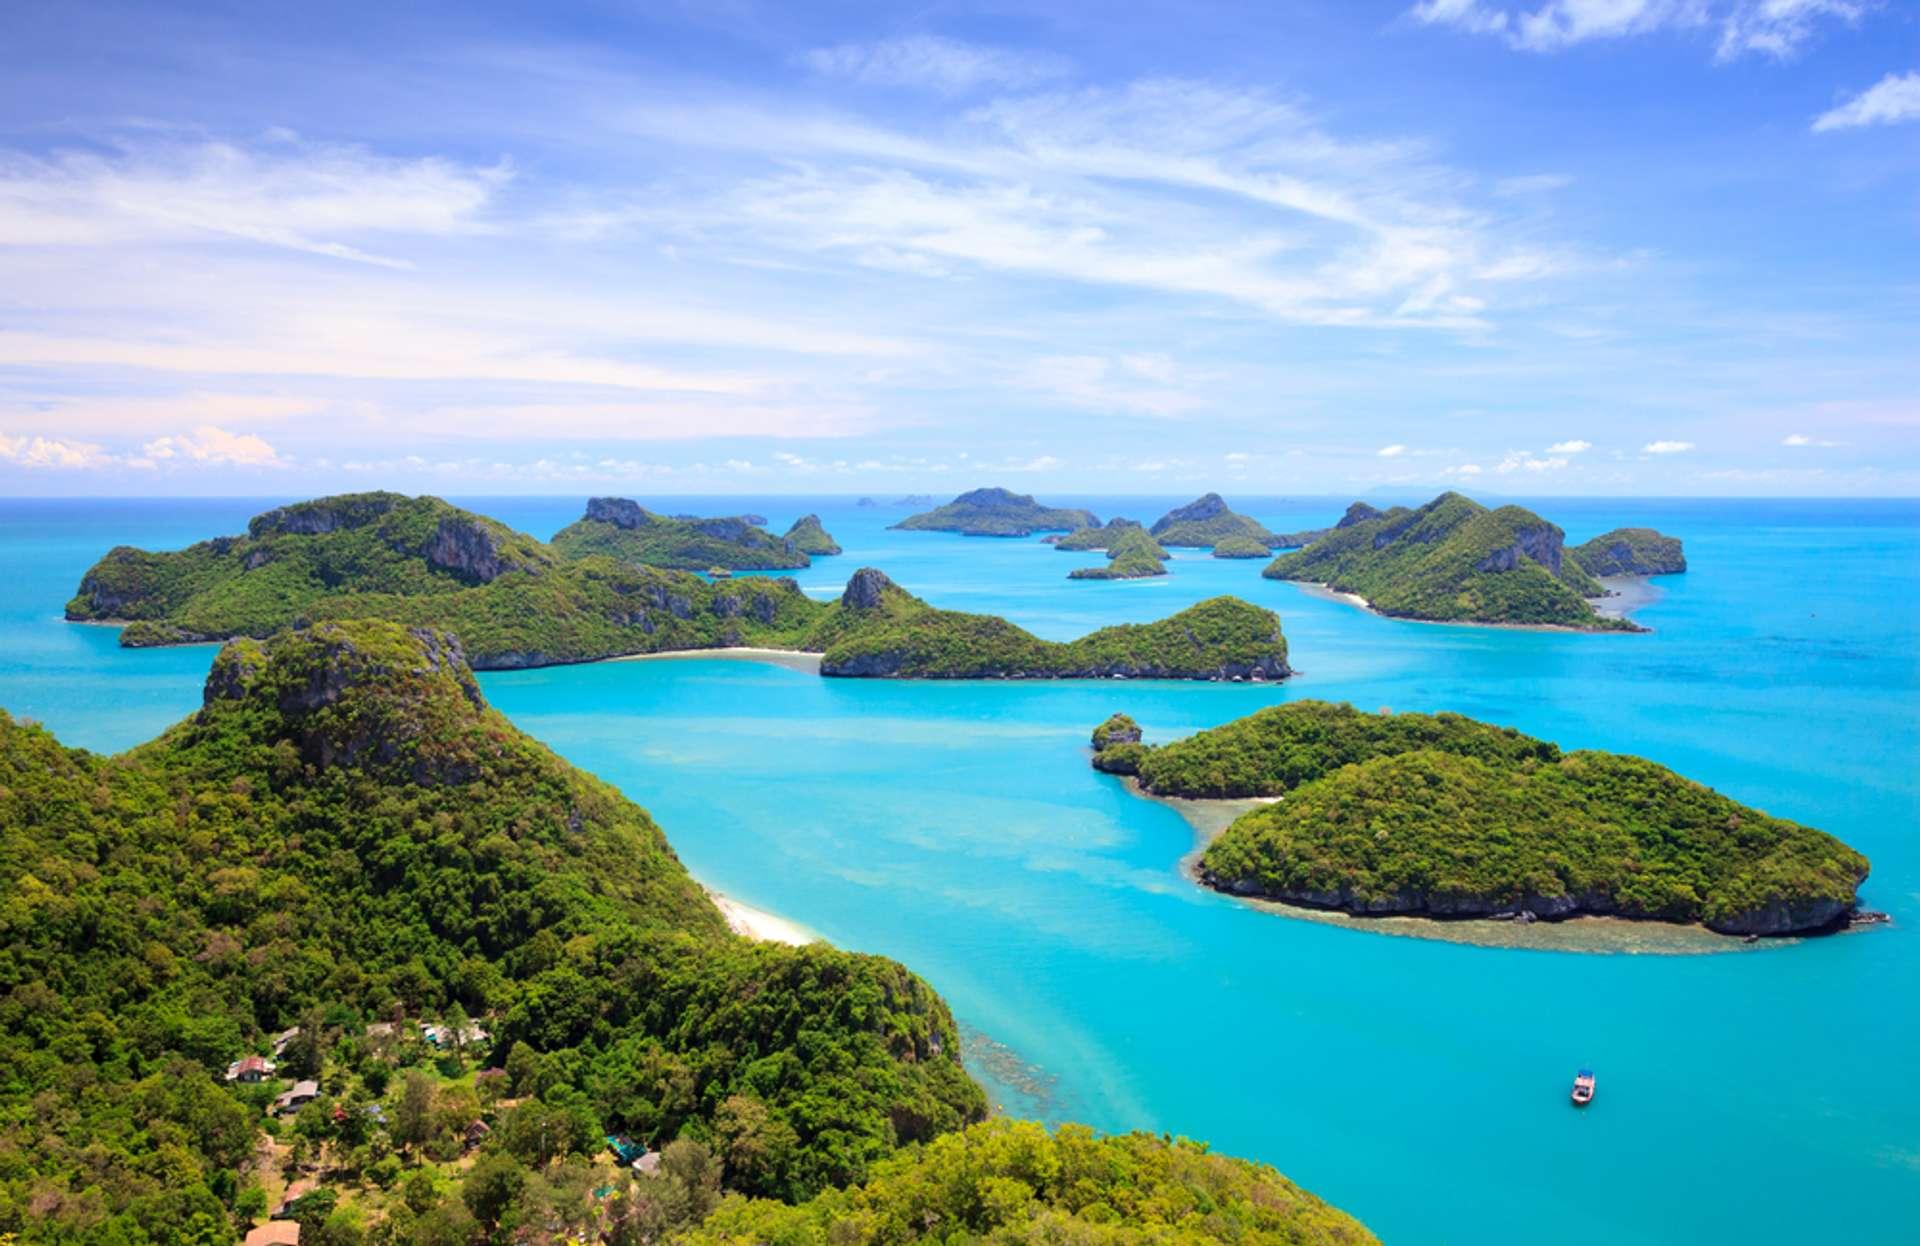 Thailand Koh Samui Angthong national marine park